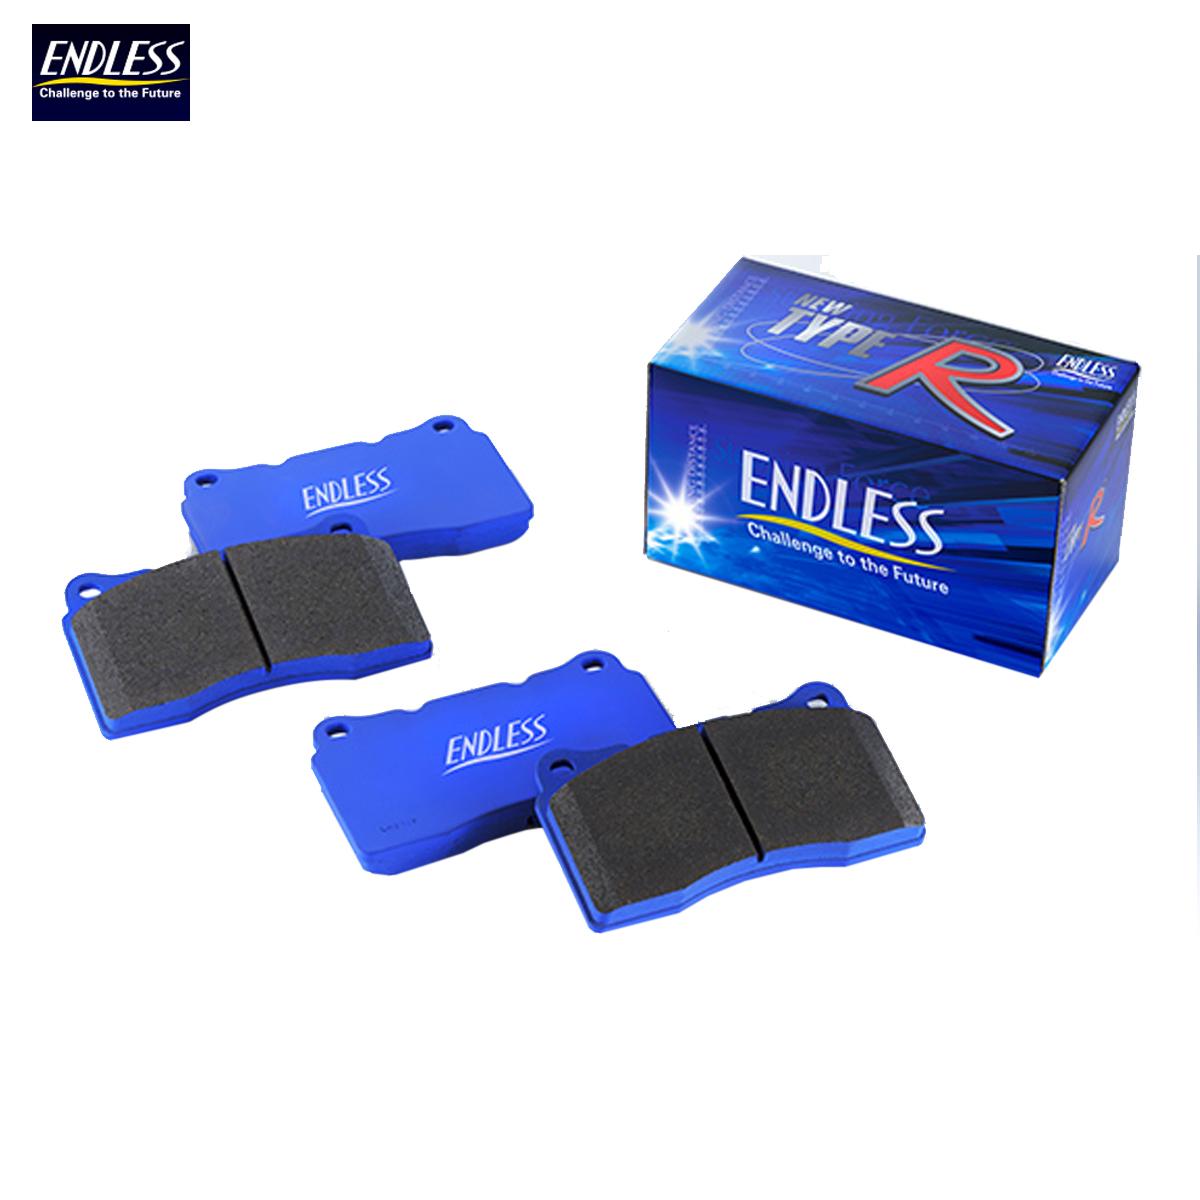 ENDLESS エンドレス ブレーキパッド タイプRセット フロント EP292 リア EP354 アリスト JZS160 JZS161